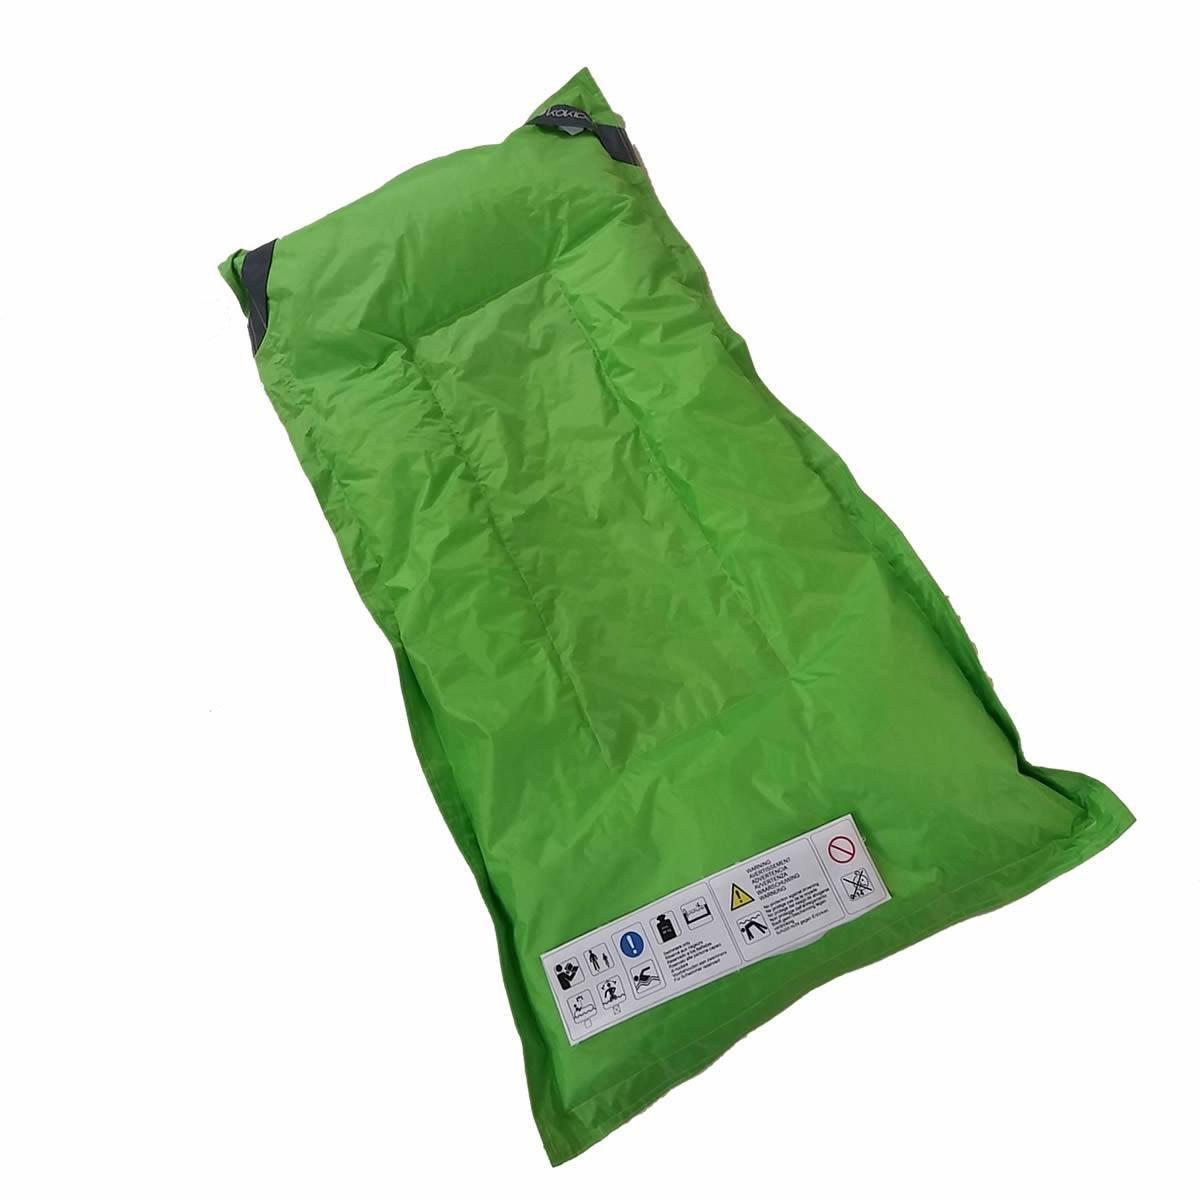 Pool Bean Bag - grün - die moderne Luftmatratze für ihren Pool - VERSANDKOSTENFREI